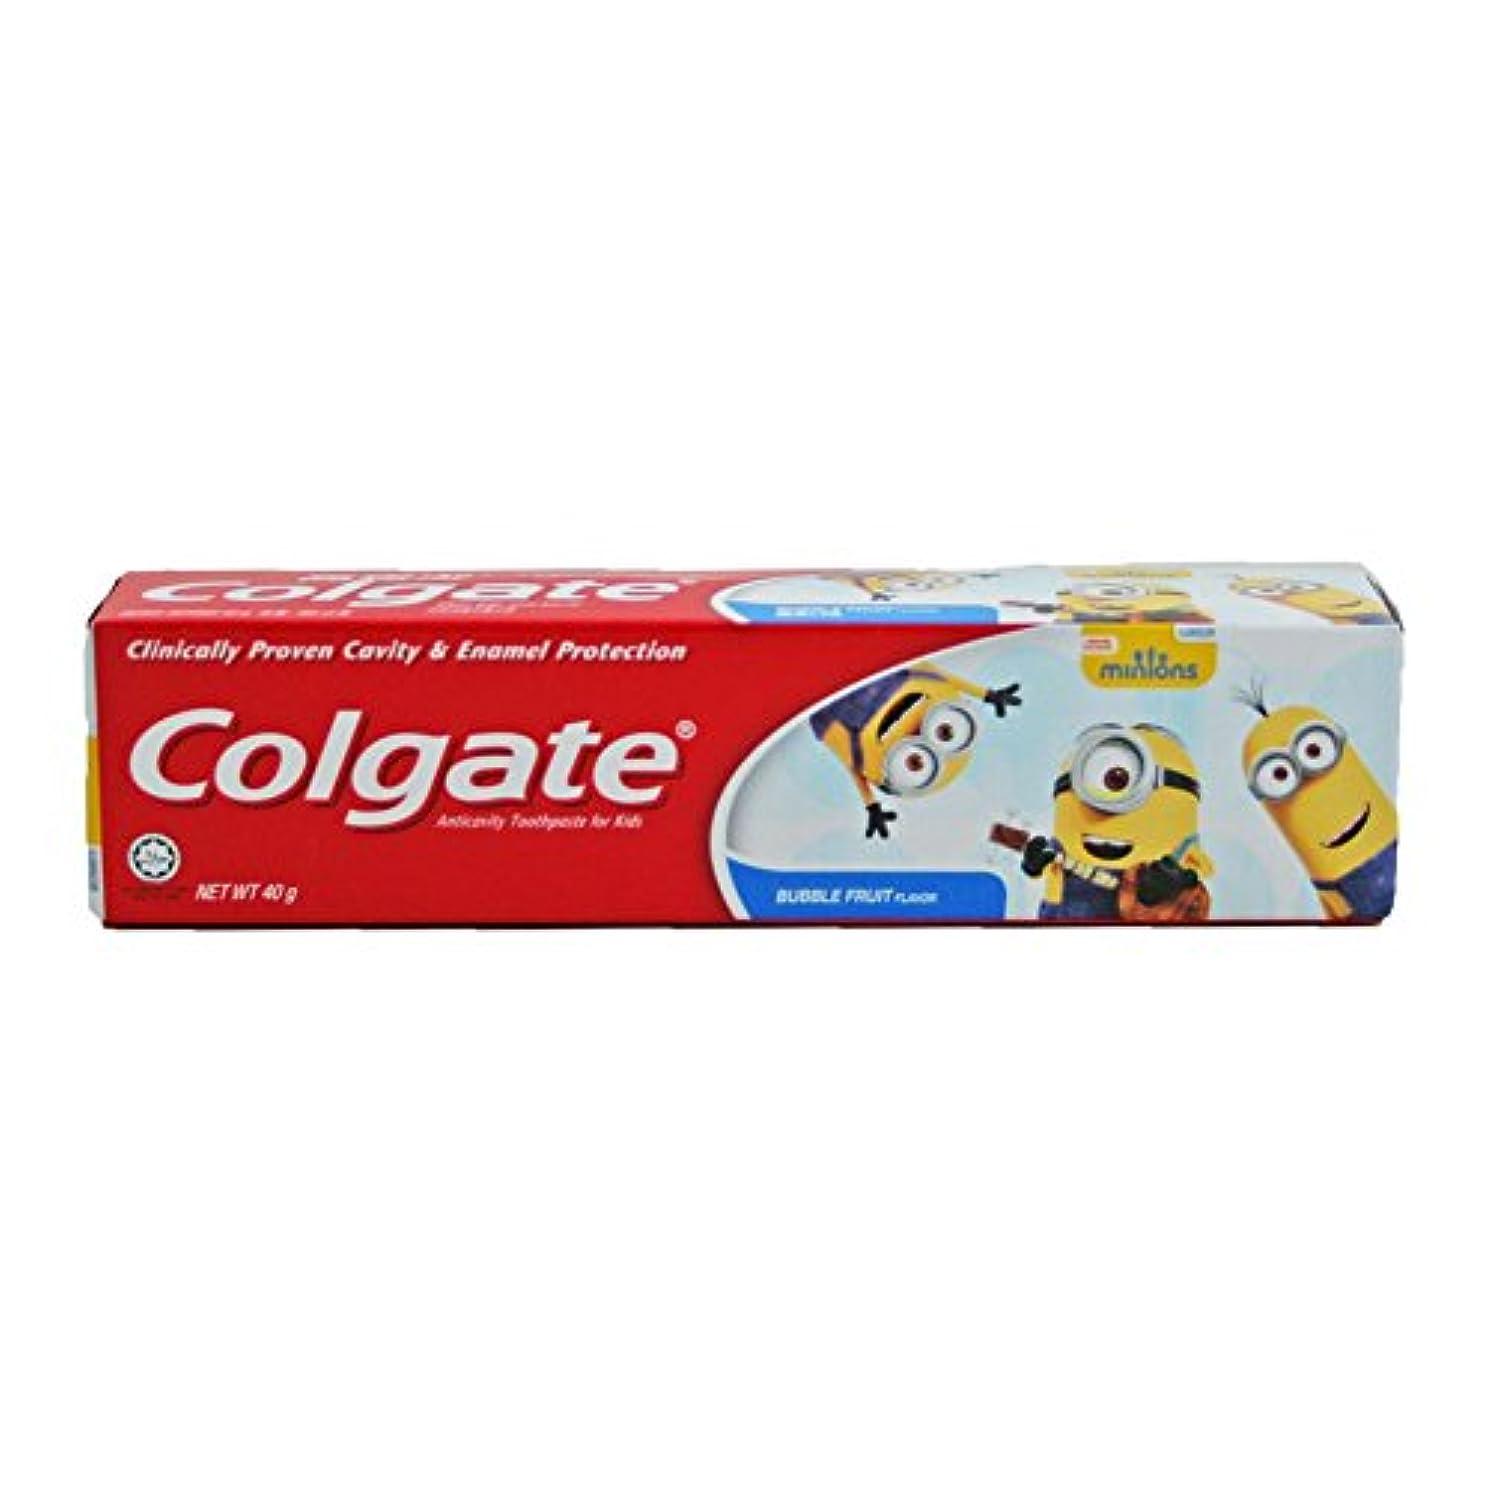 アデレード孤独な検閲コルゲート Colgate 子供用 Kids-BUBBLE FRUIT FLAVOR (ミニオン, 40g) [並行輸入品]